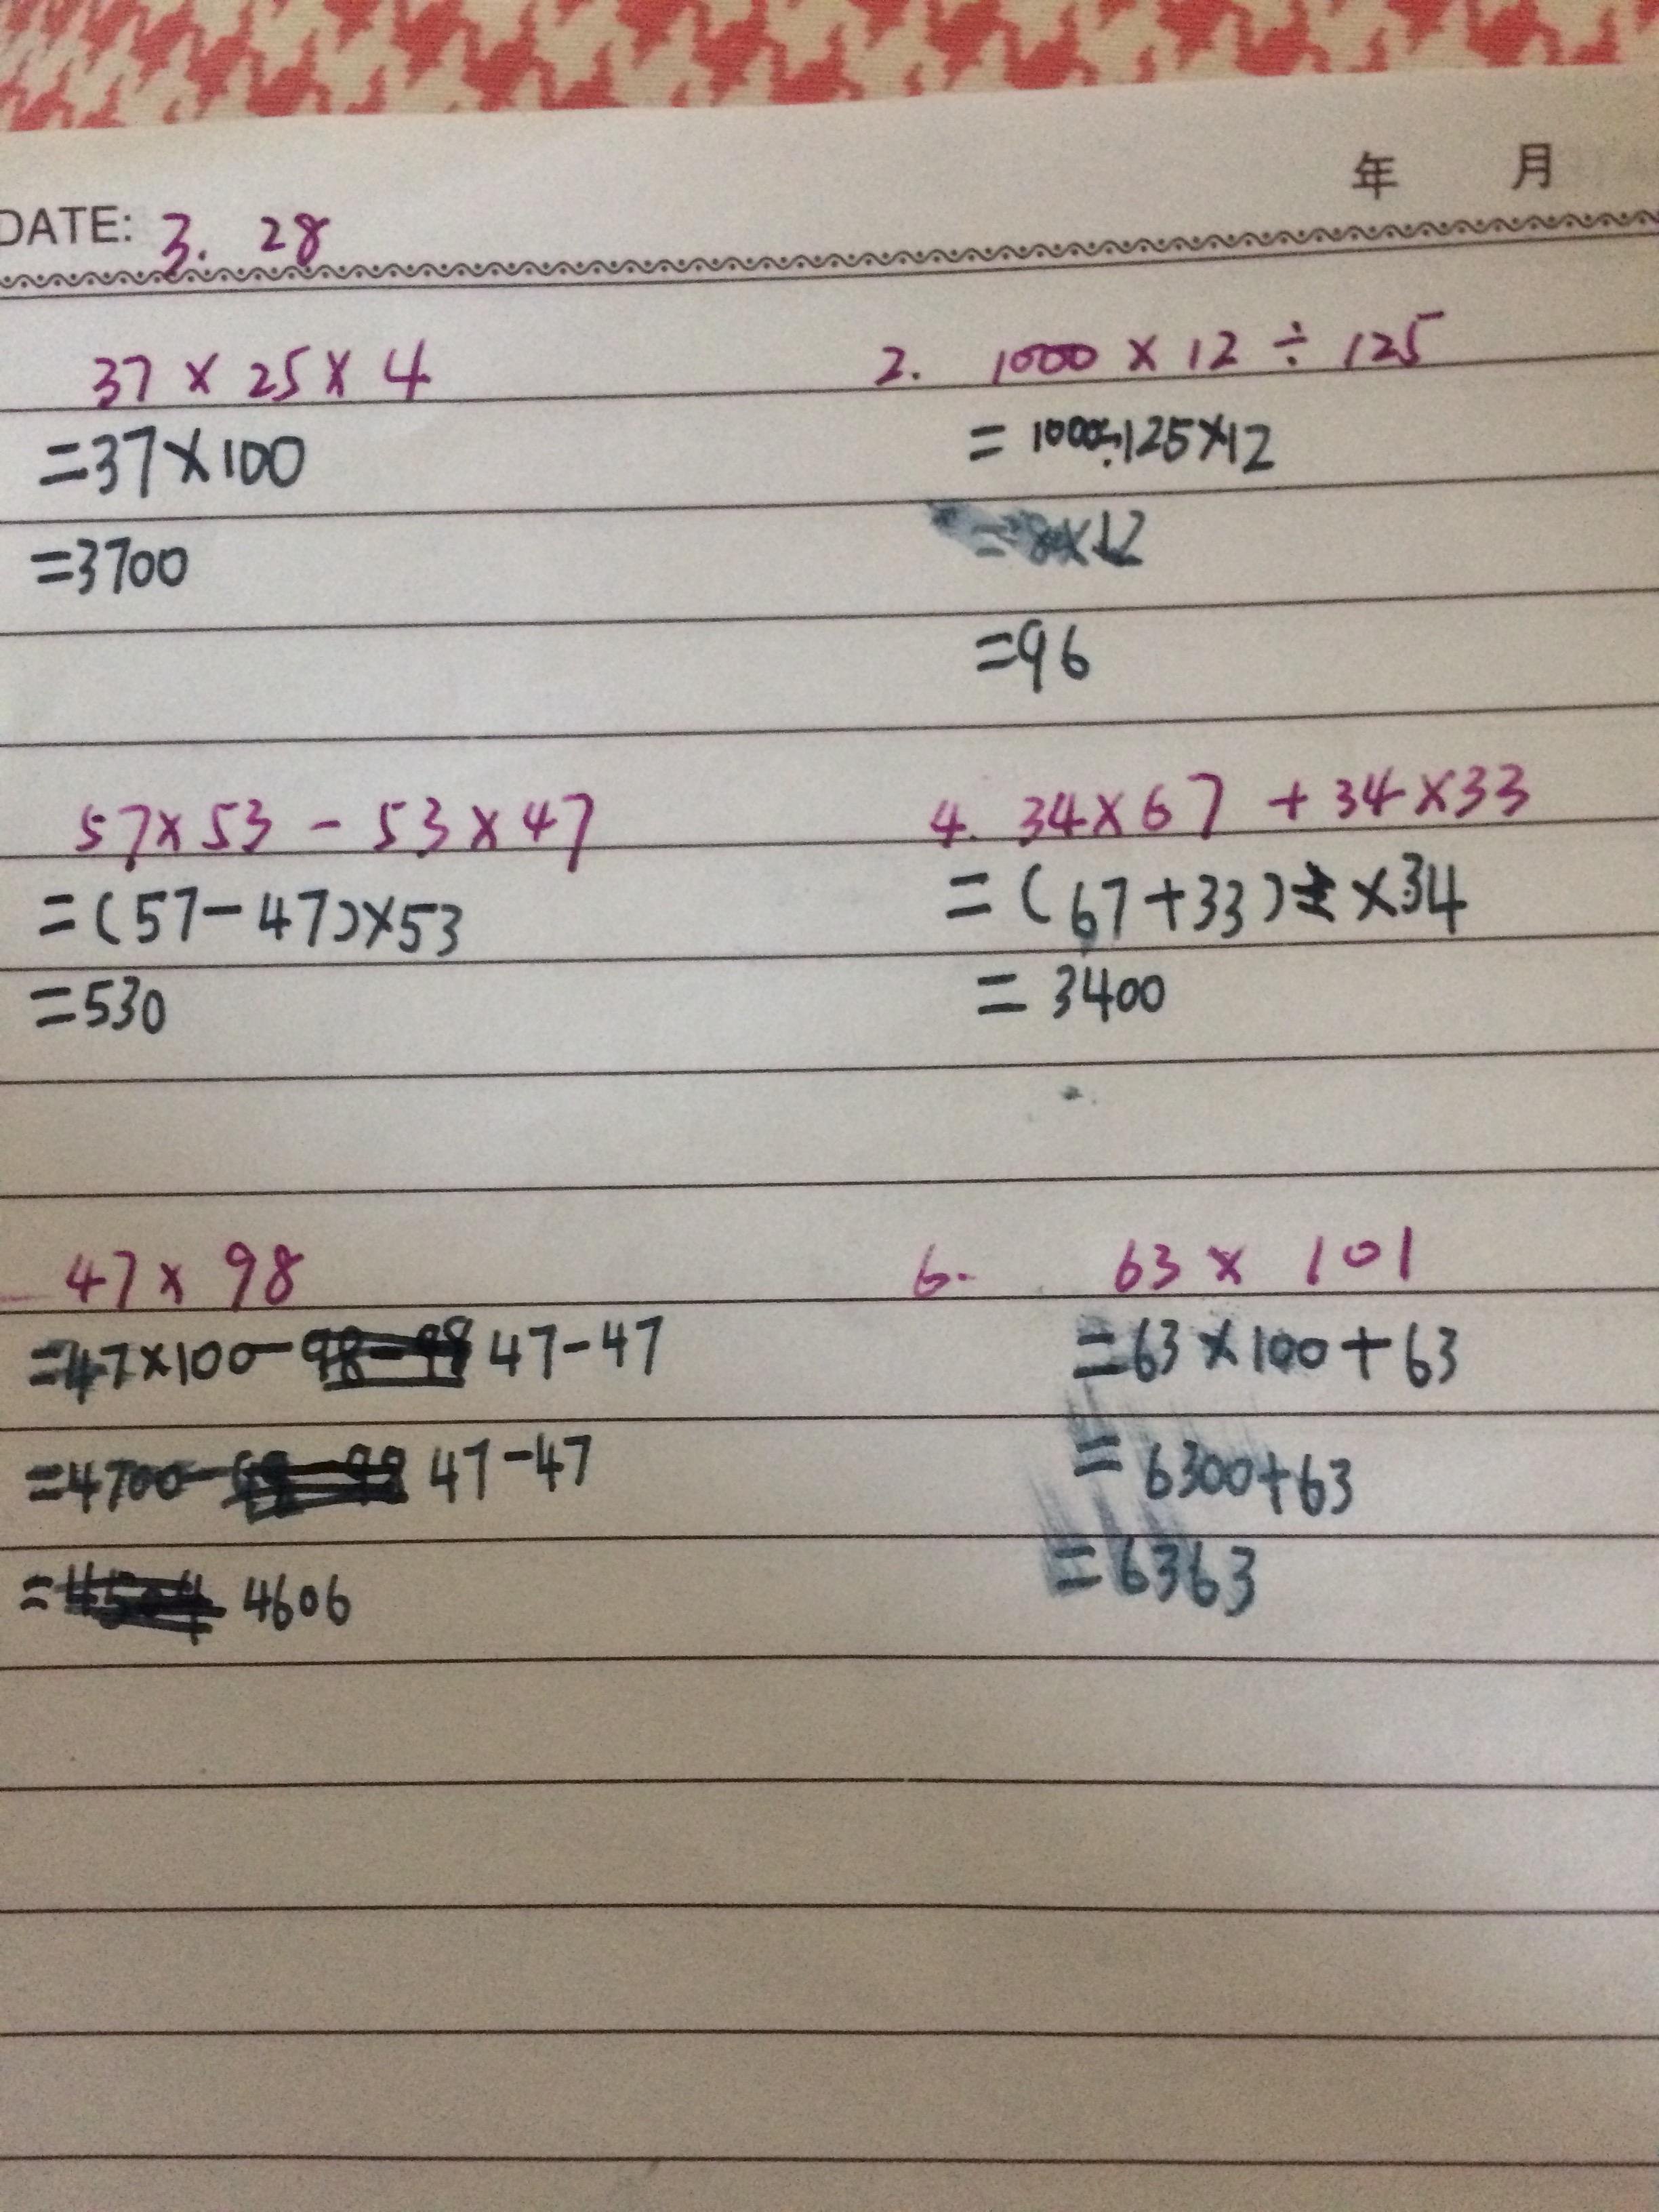 6630E760-29CF-4D62-AD14-0E0518B1E5EB.jpg